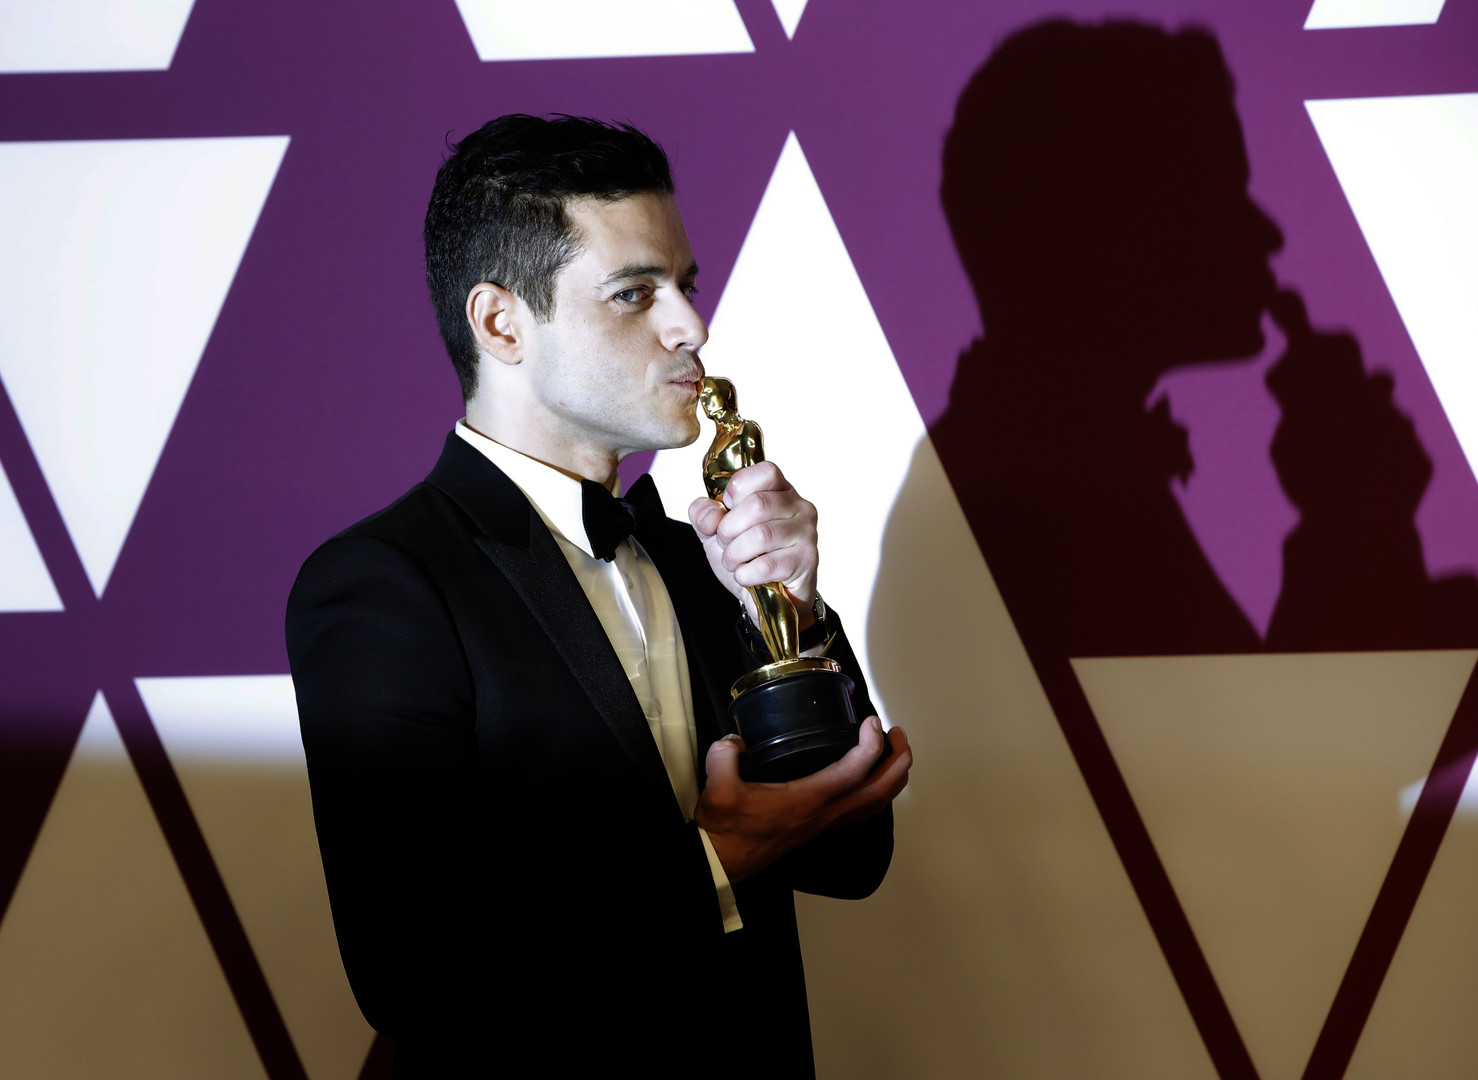 الحائز على الأوسكار رامي مالك يرفض أن يكون